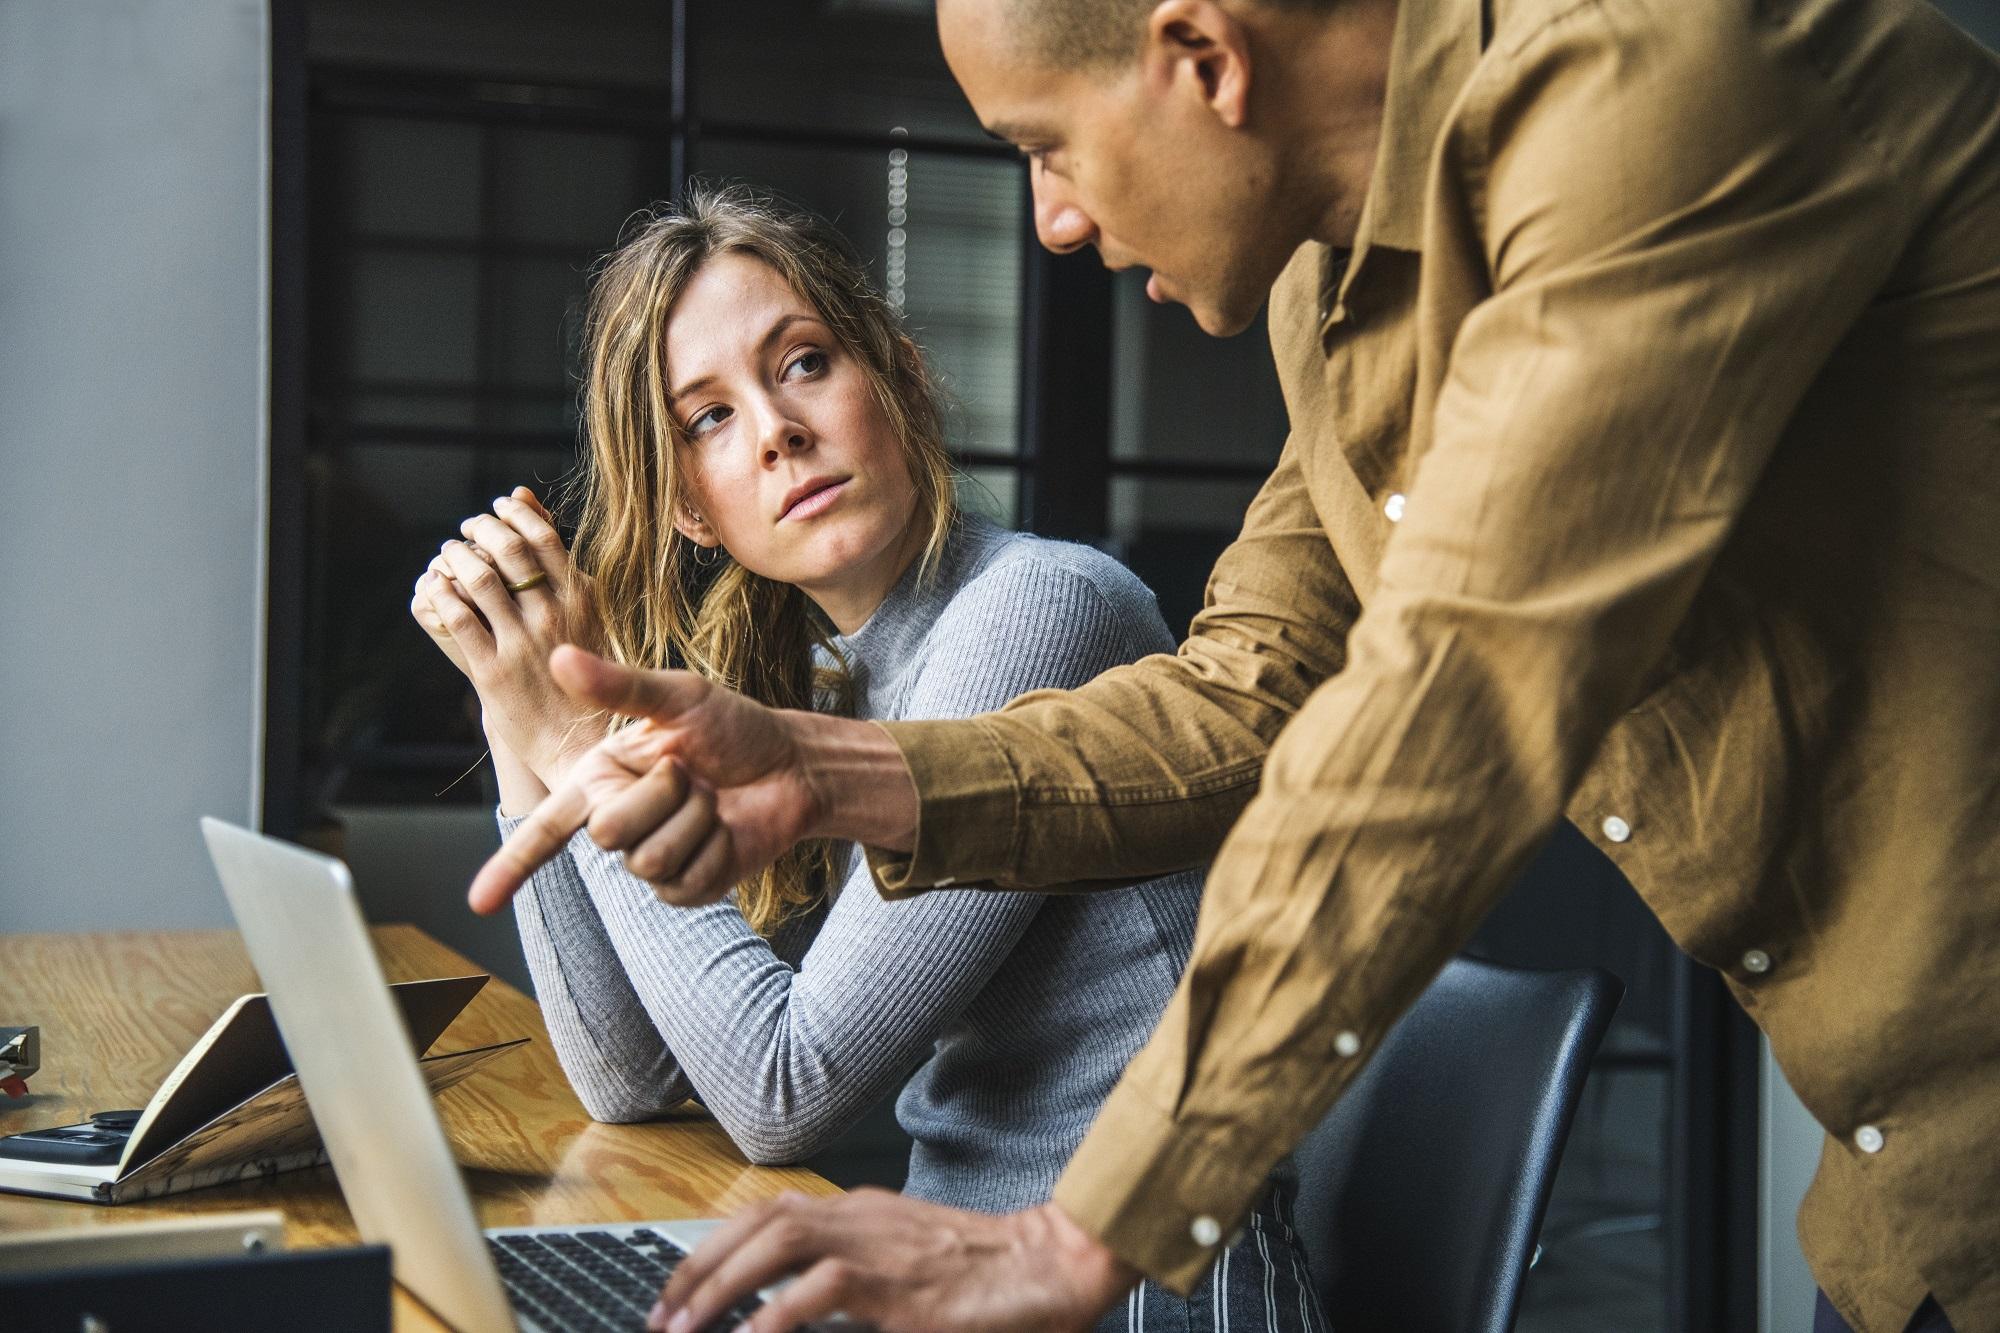 Create Australia refund consulting program